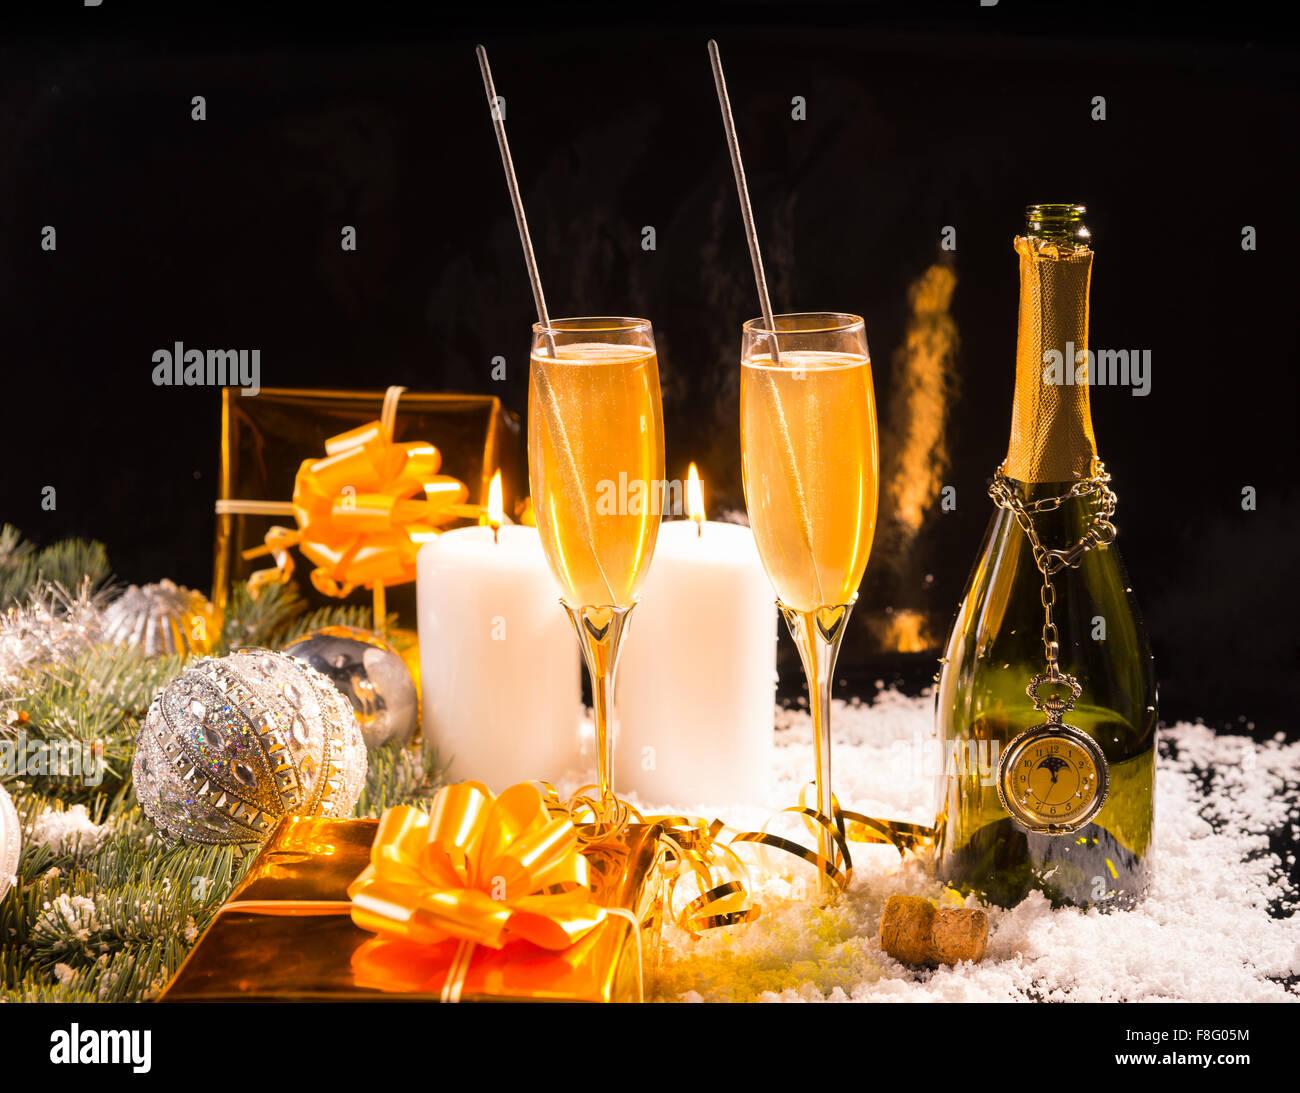 Festliche Weihnachten Stillleben mit Wunderkerzen in Flöten ...